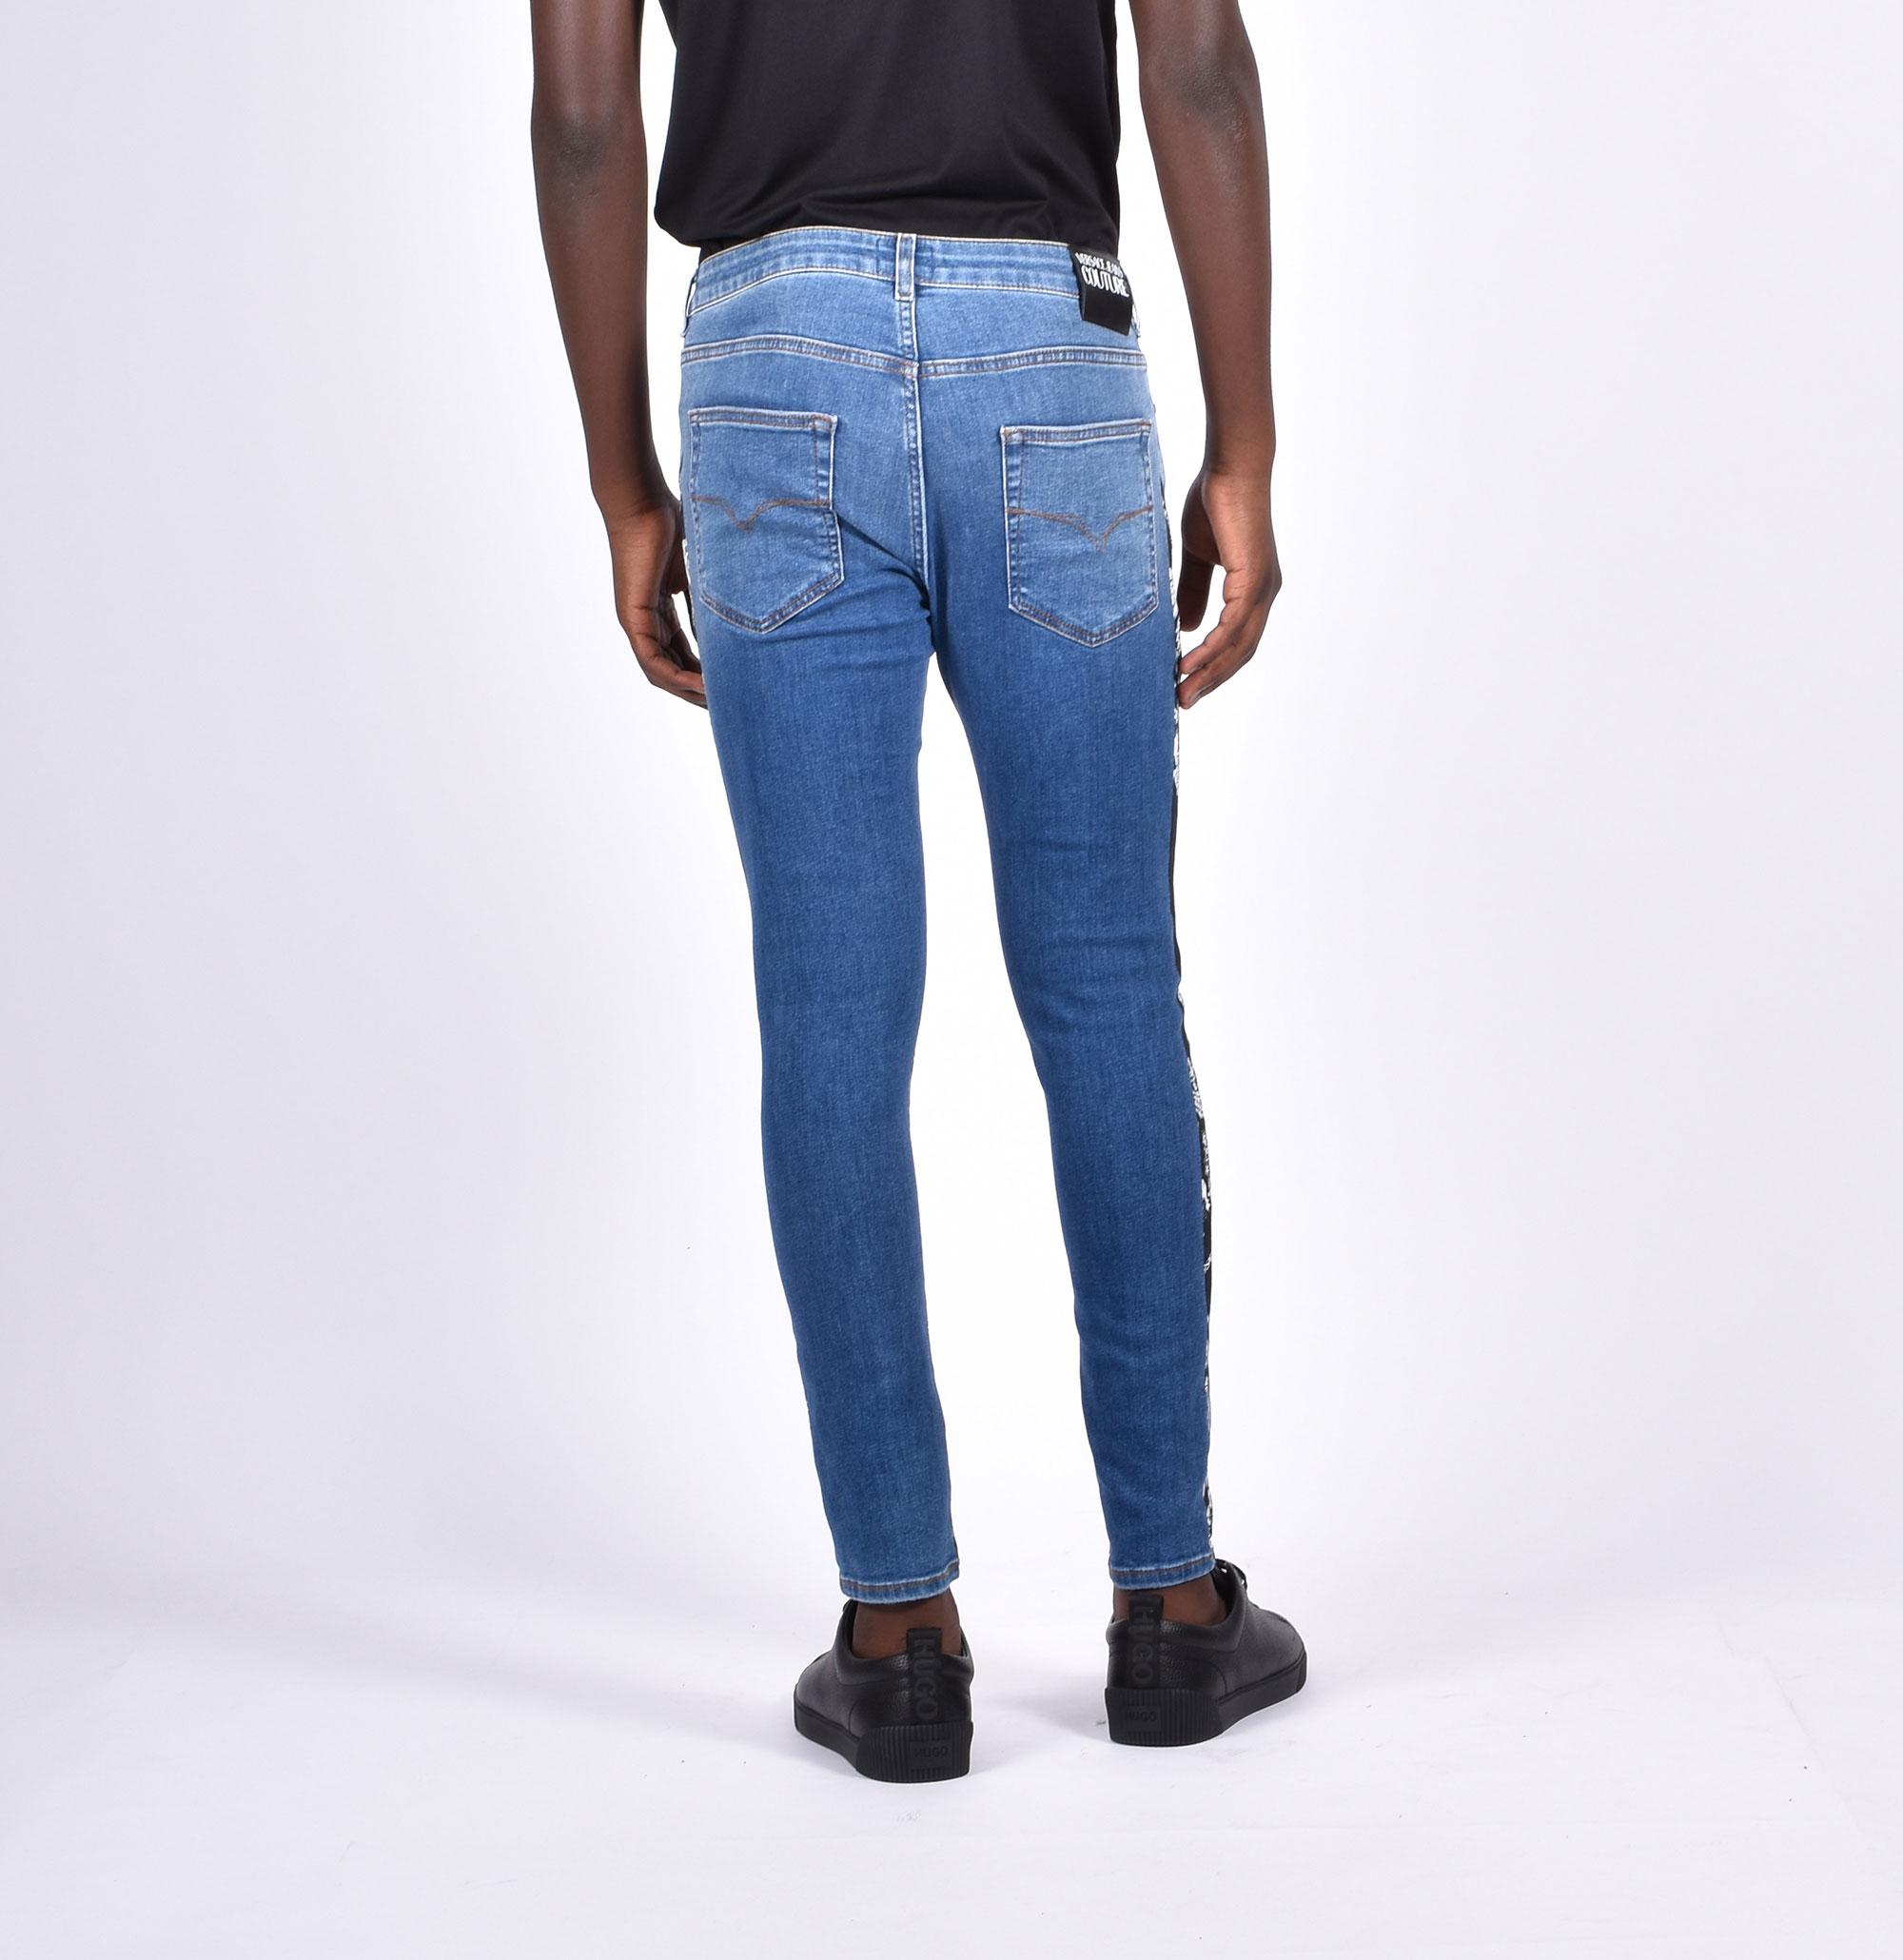 Jeans pasley loop-  Denim